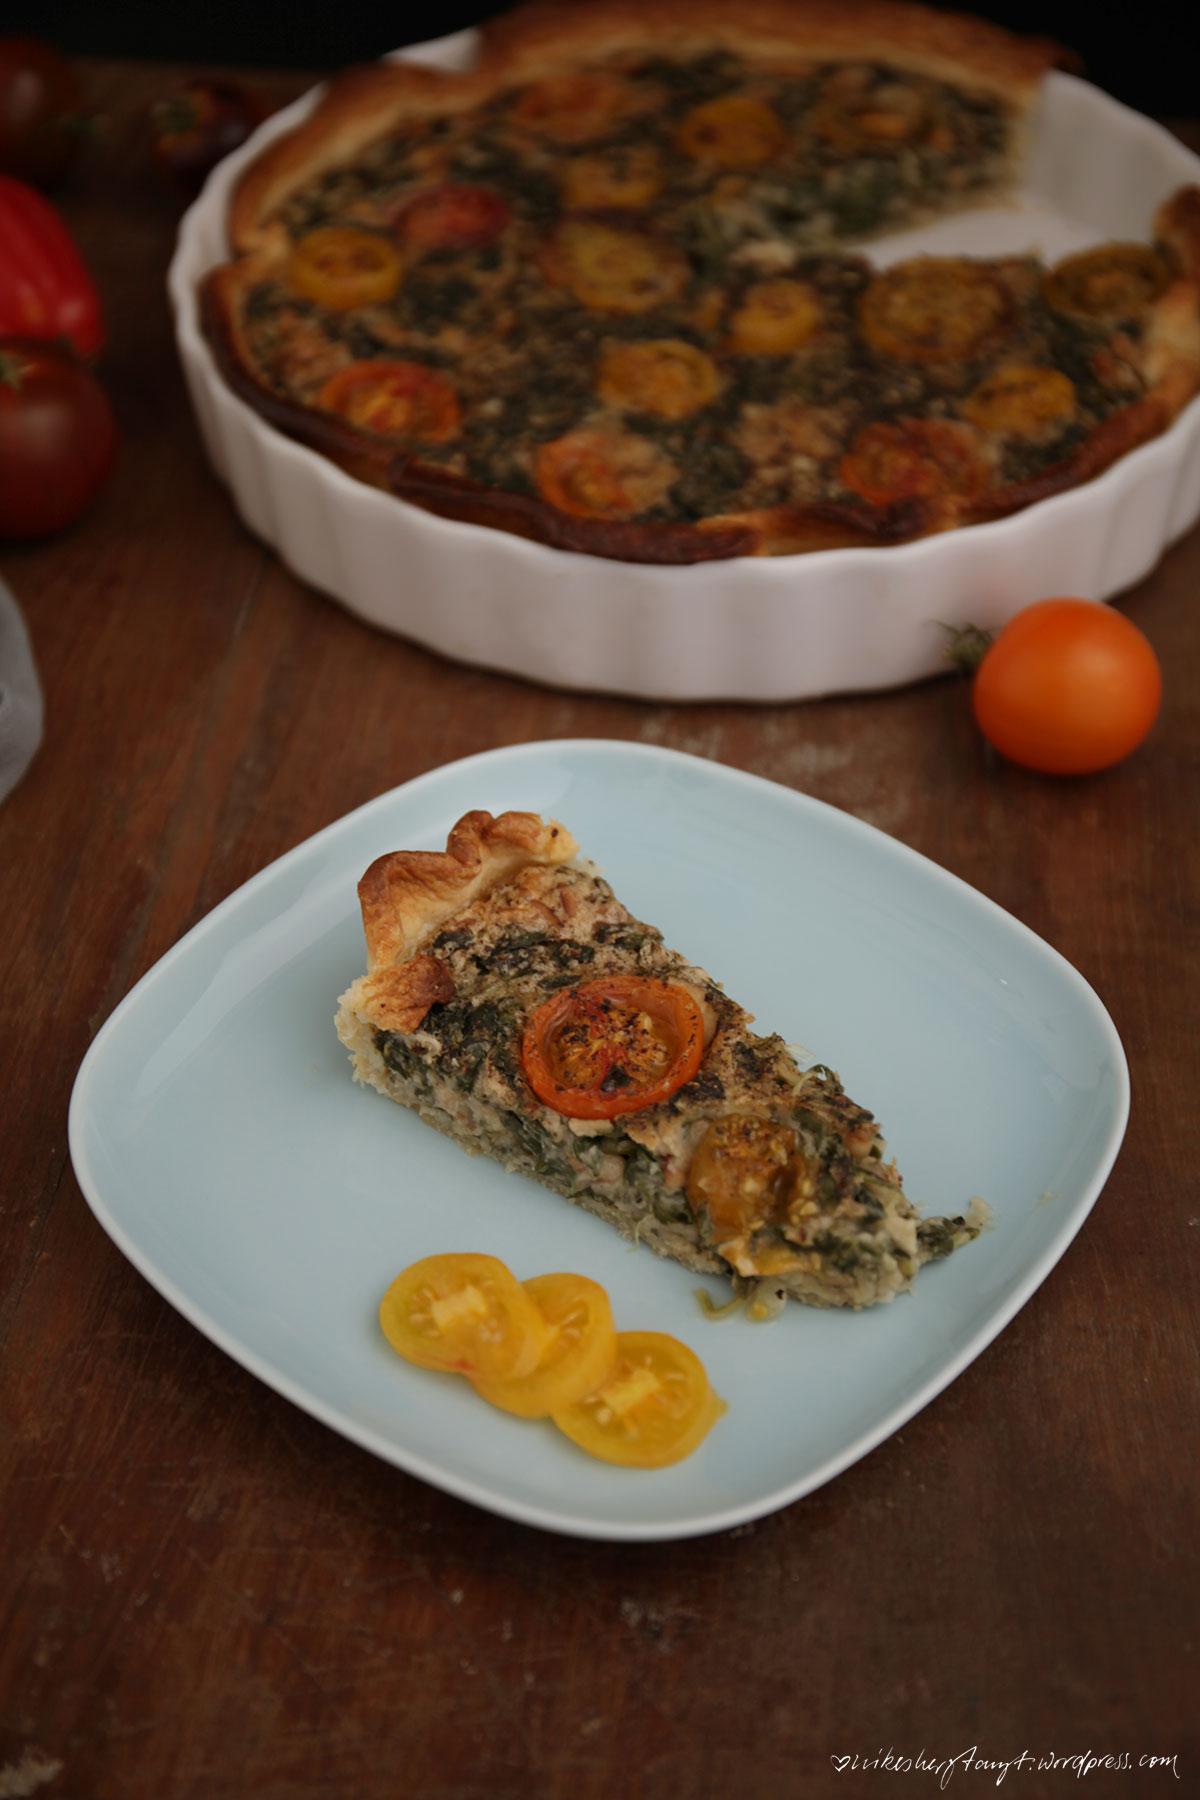 vegane spinat quiche mit pinienkernen und bunten tomaten in weißer form auf holz, nikesherztanzt